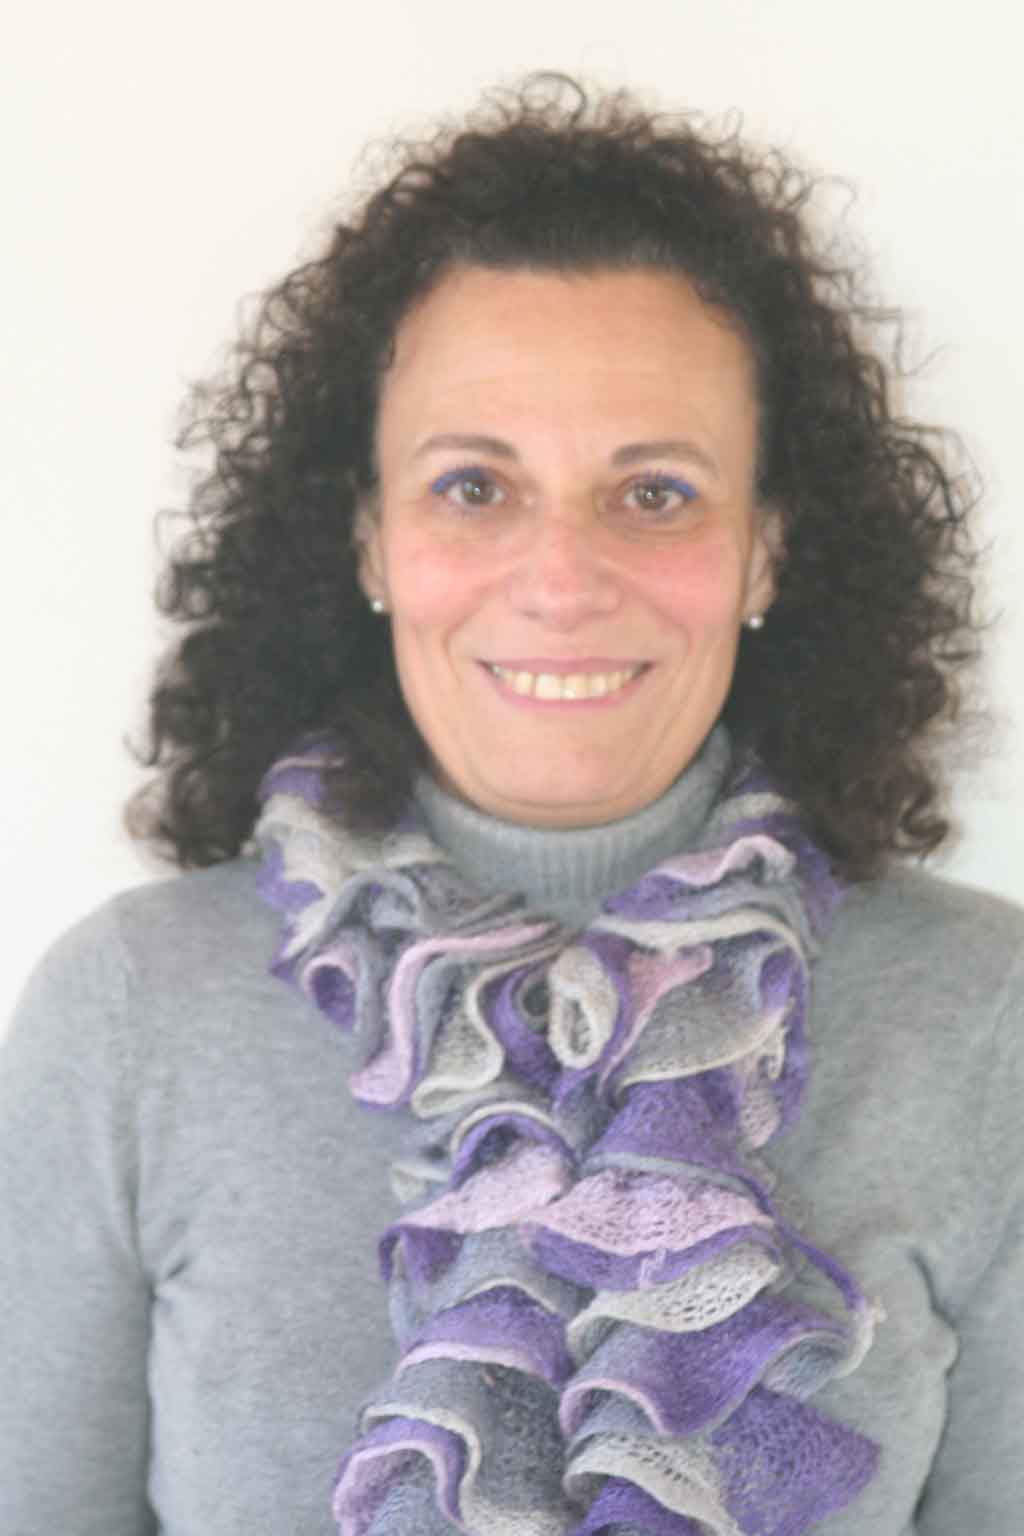 Ebrille-Benvenutto Evelyne